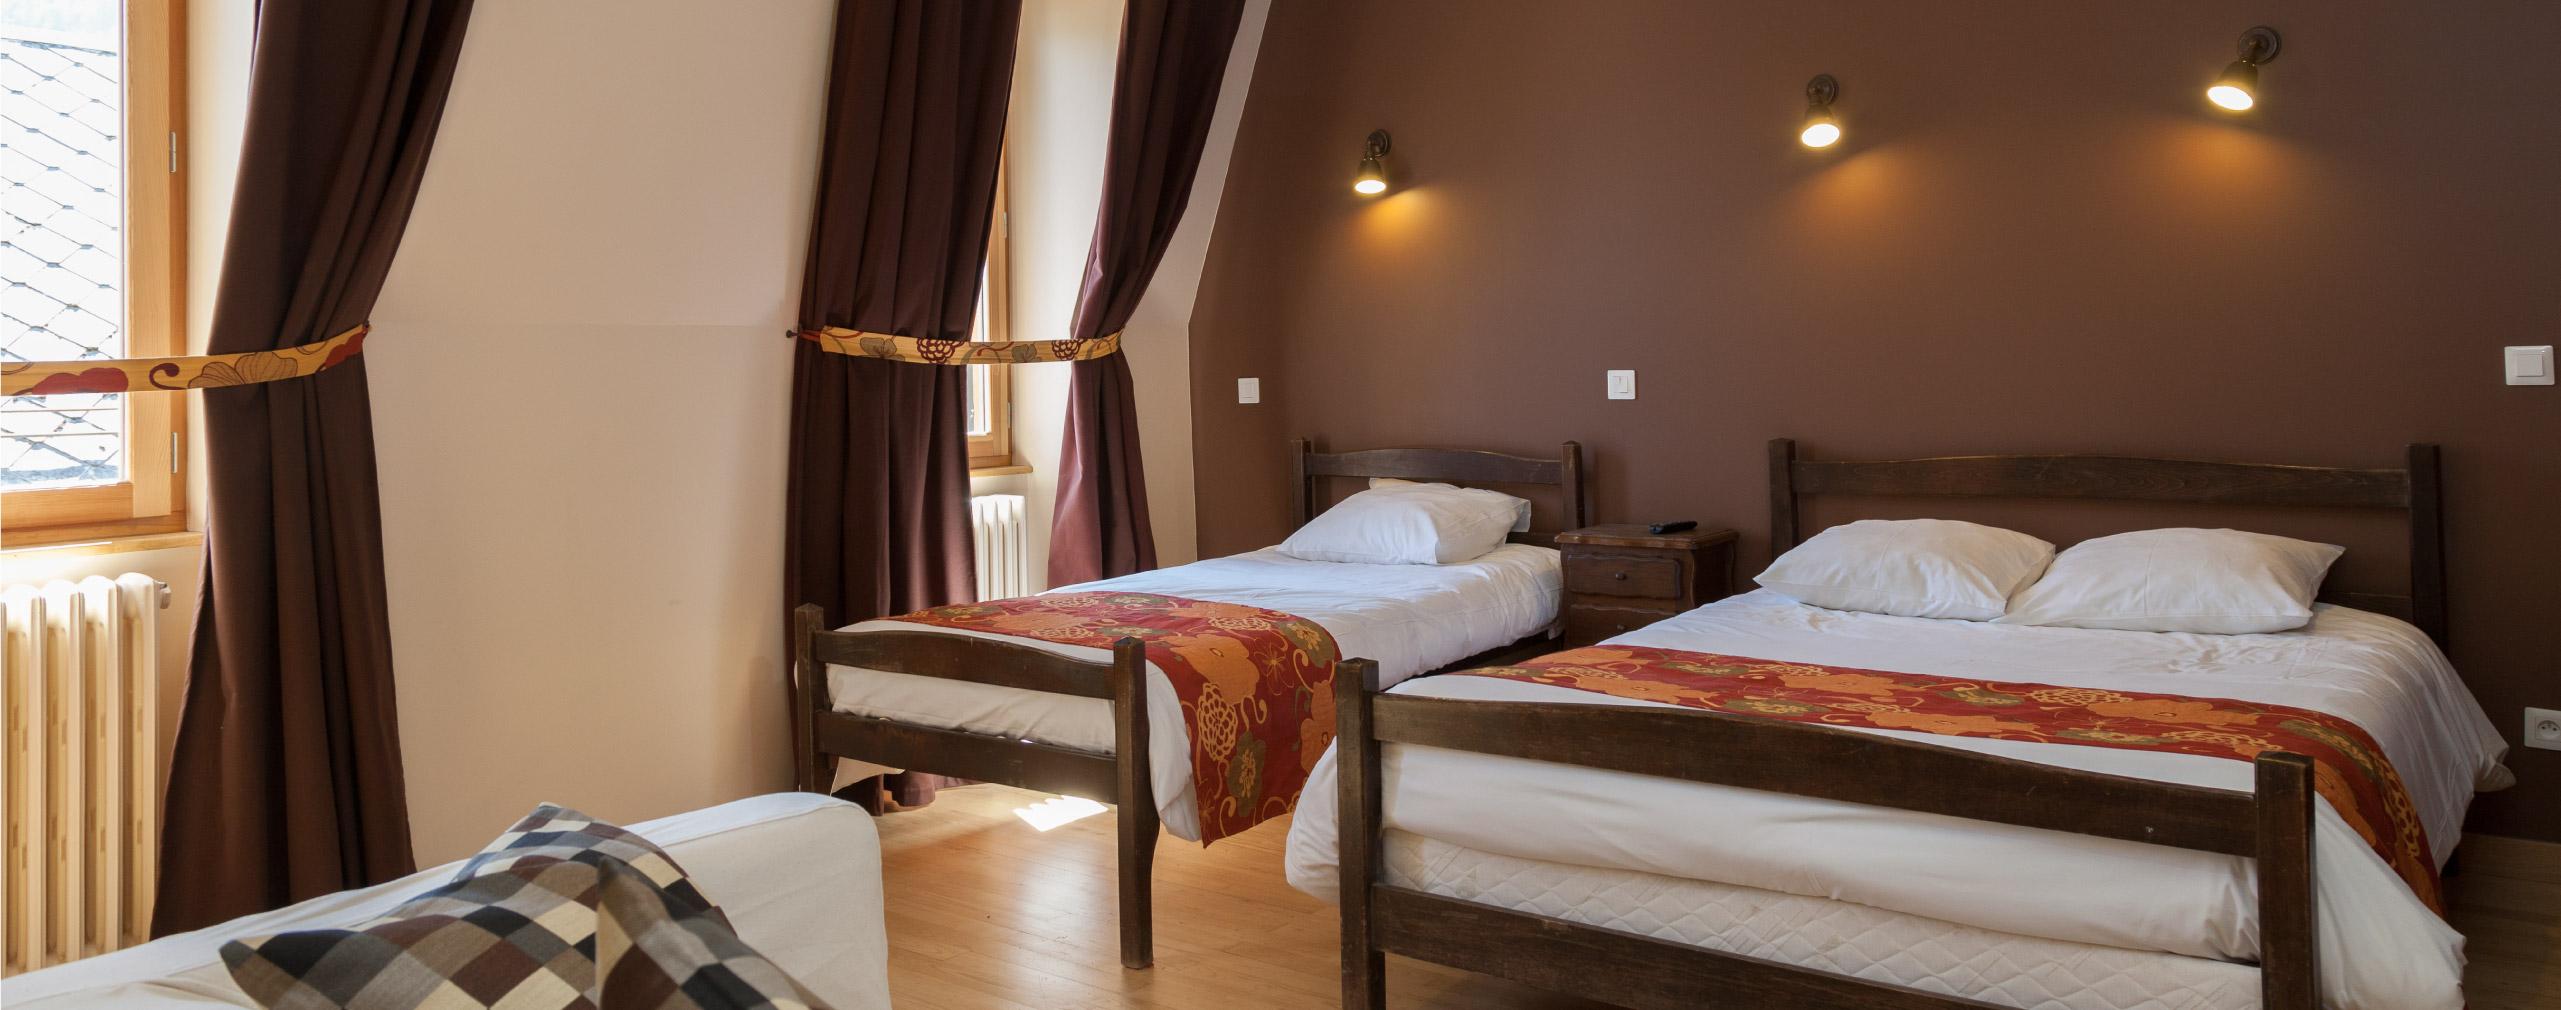 H tel bourg d 39 oisans chambre sup rieure for Chambre d hotel sans fenetre